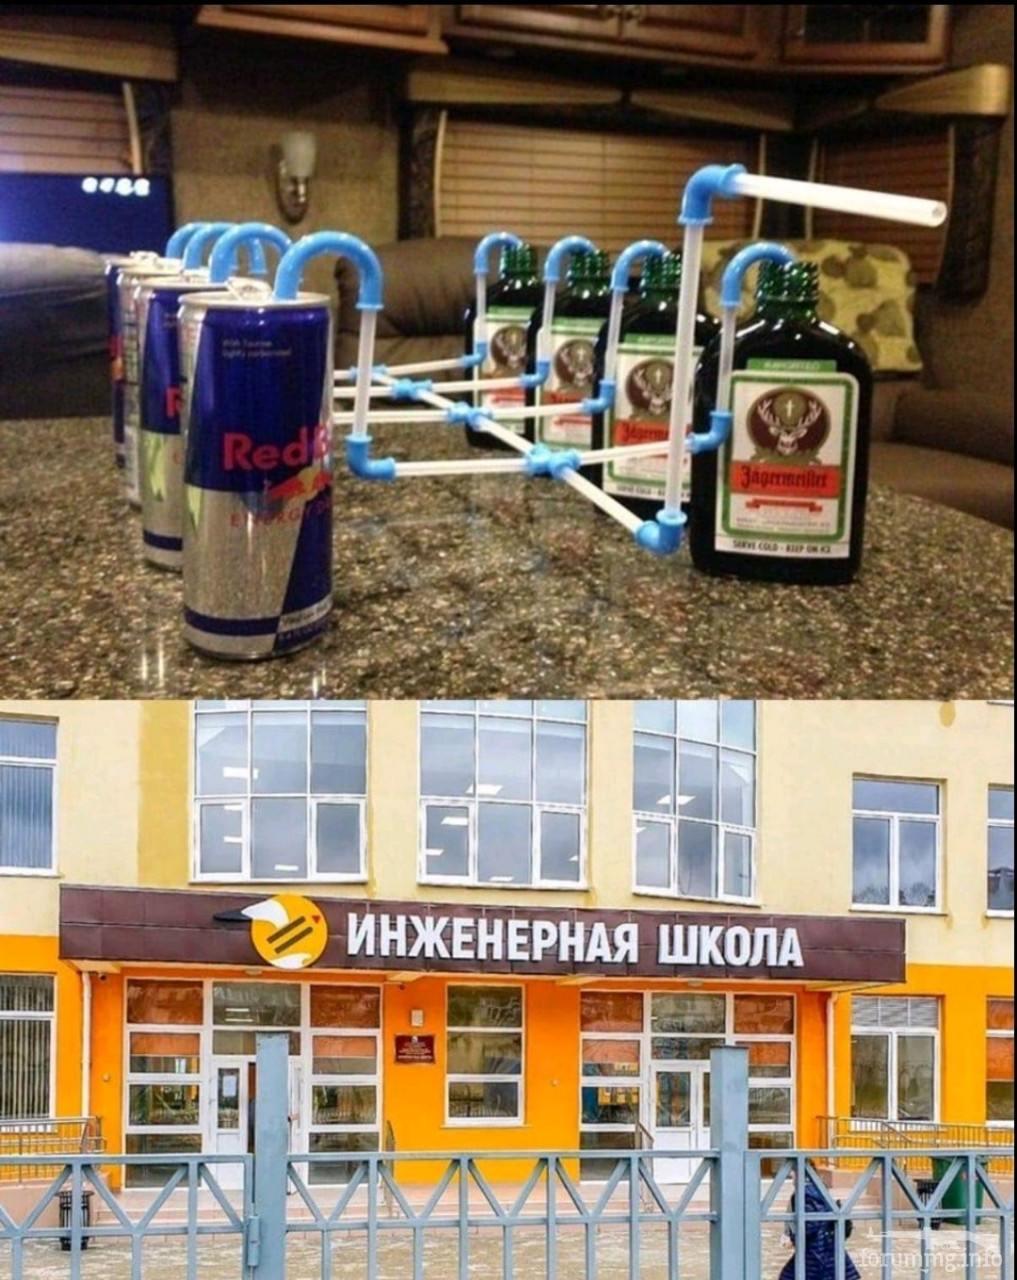 134791 - Пить или не пить? - пятничная алкогольная тема )))